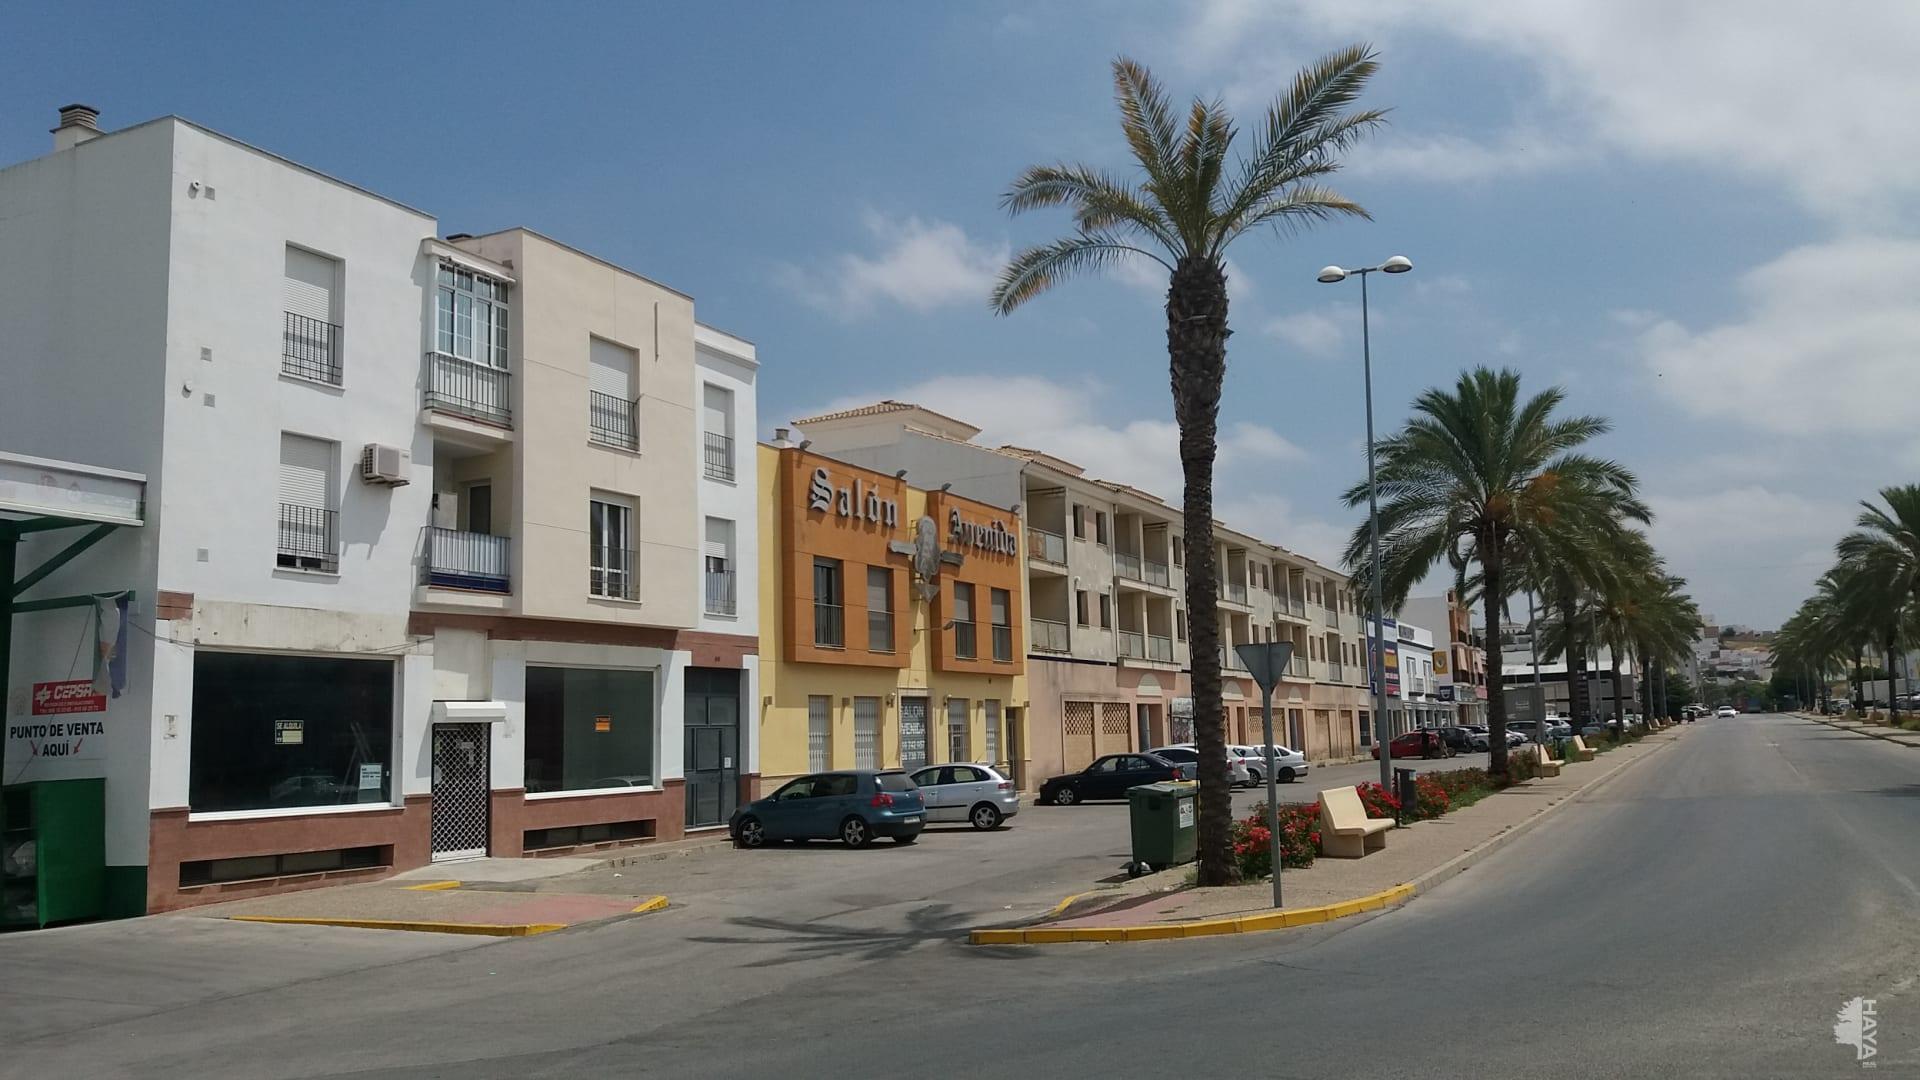 Piso en venta en Villamartín, Cádiz, Avenida de Arcos, 48.000 €, 3 habitaciones, 1 baño, 110 m2